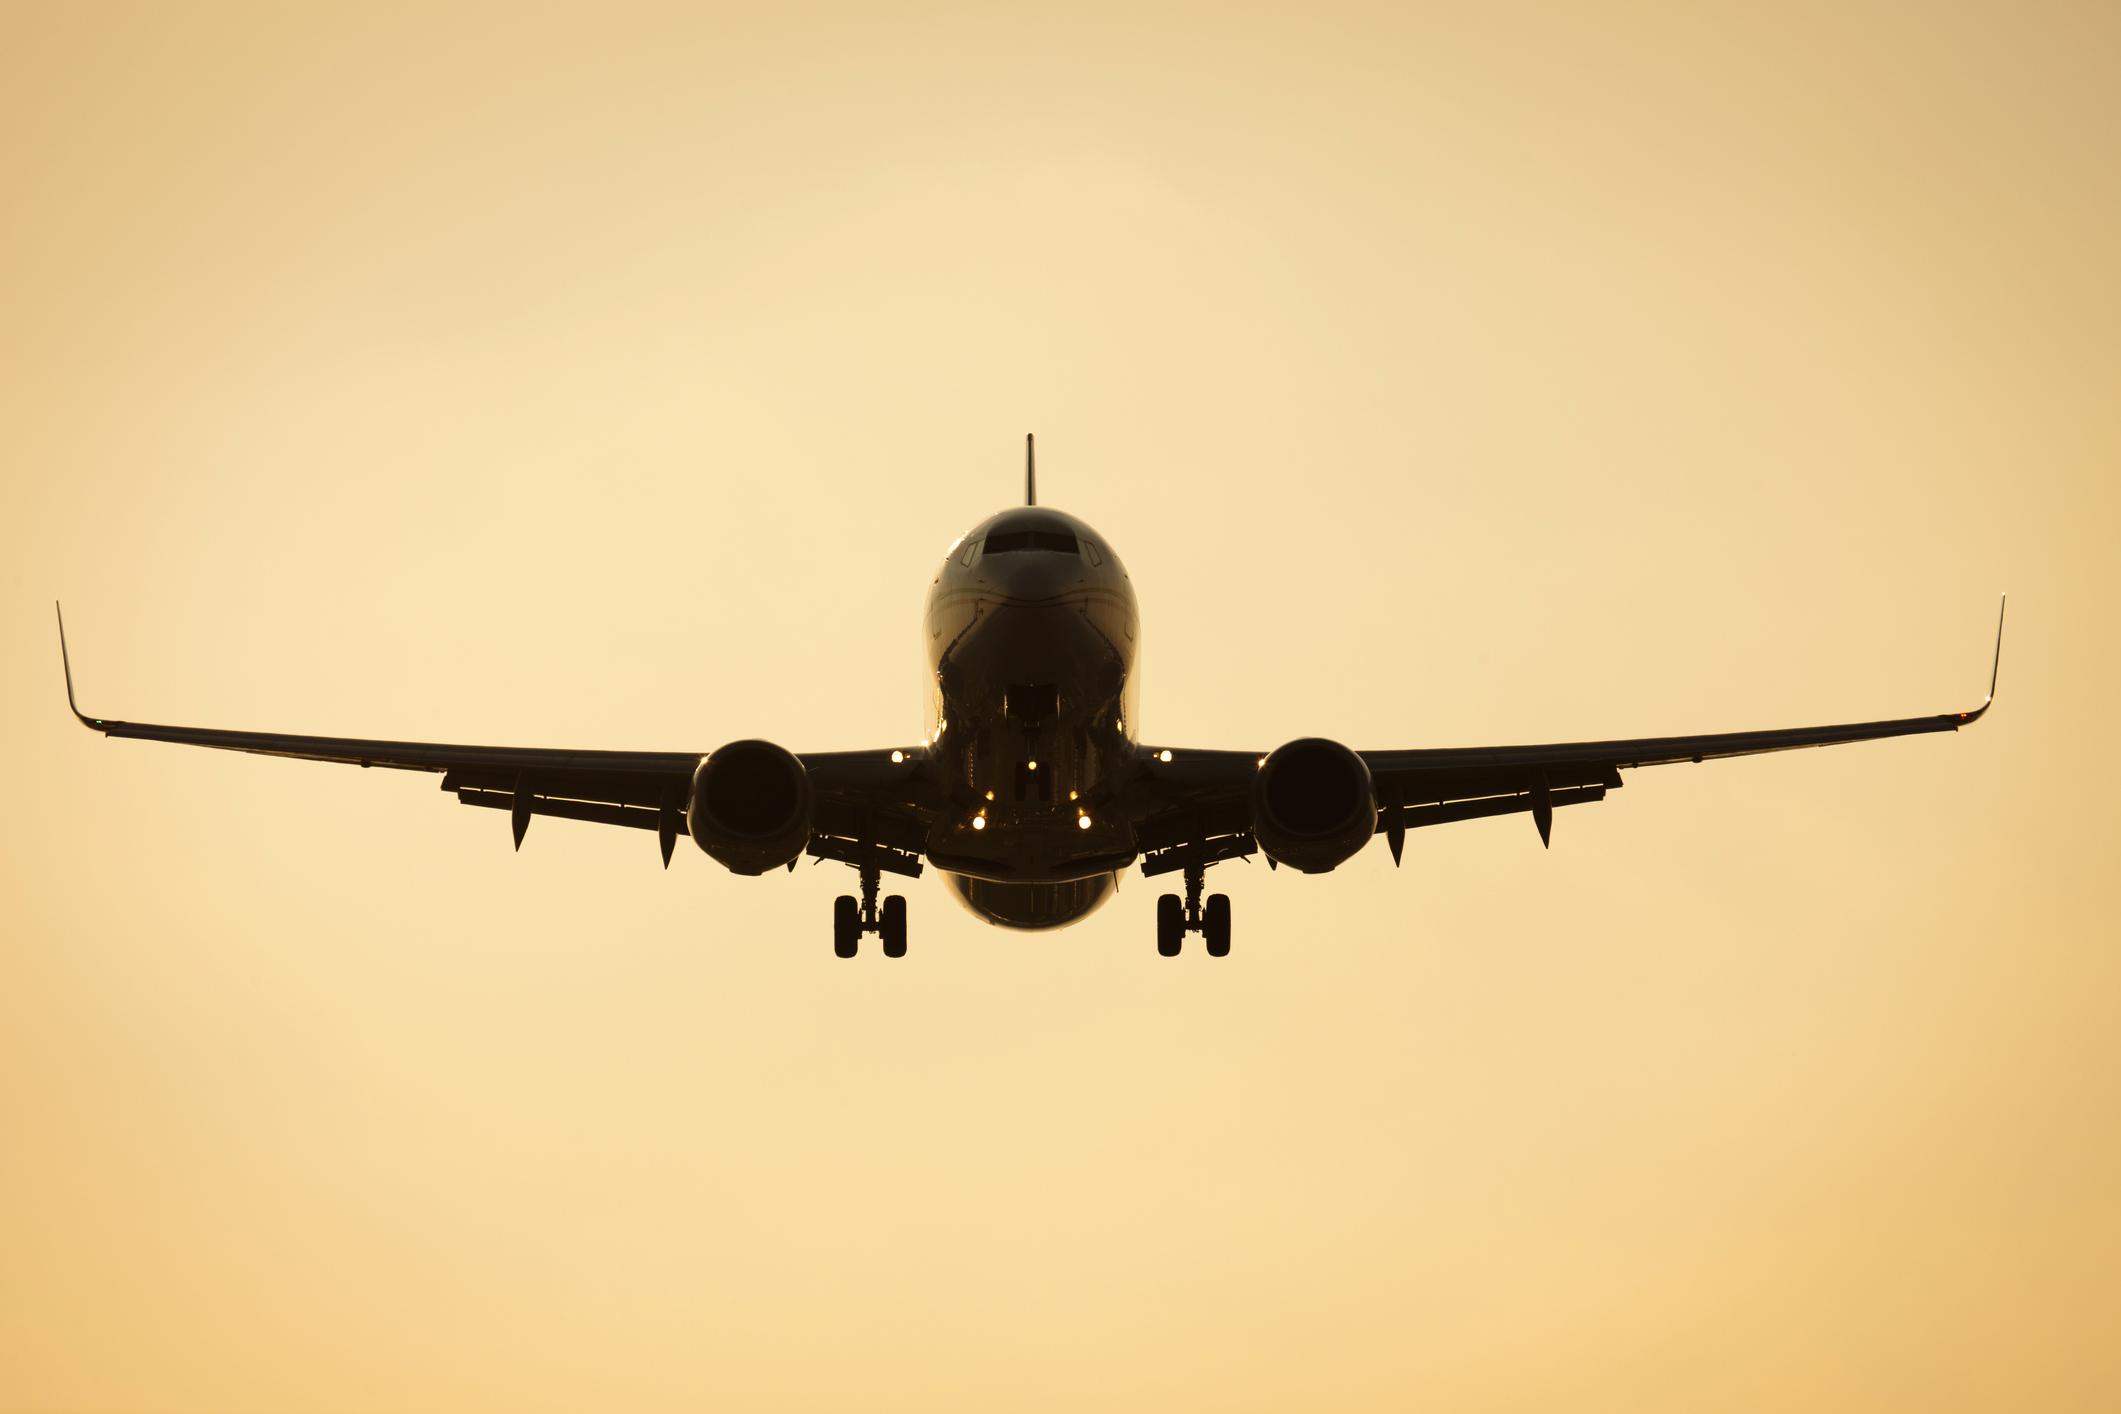 A Boeing 737 in flight.